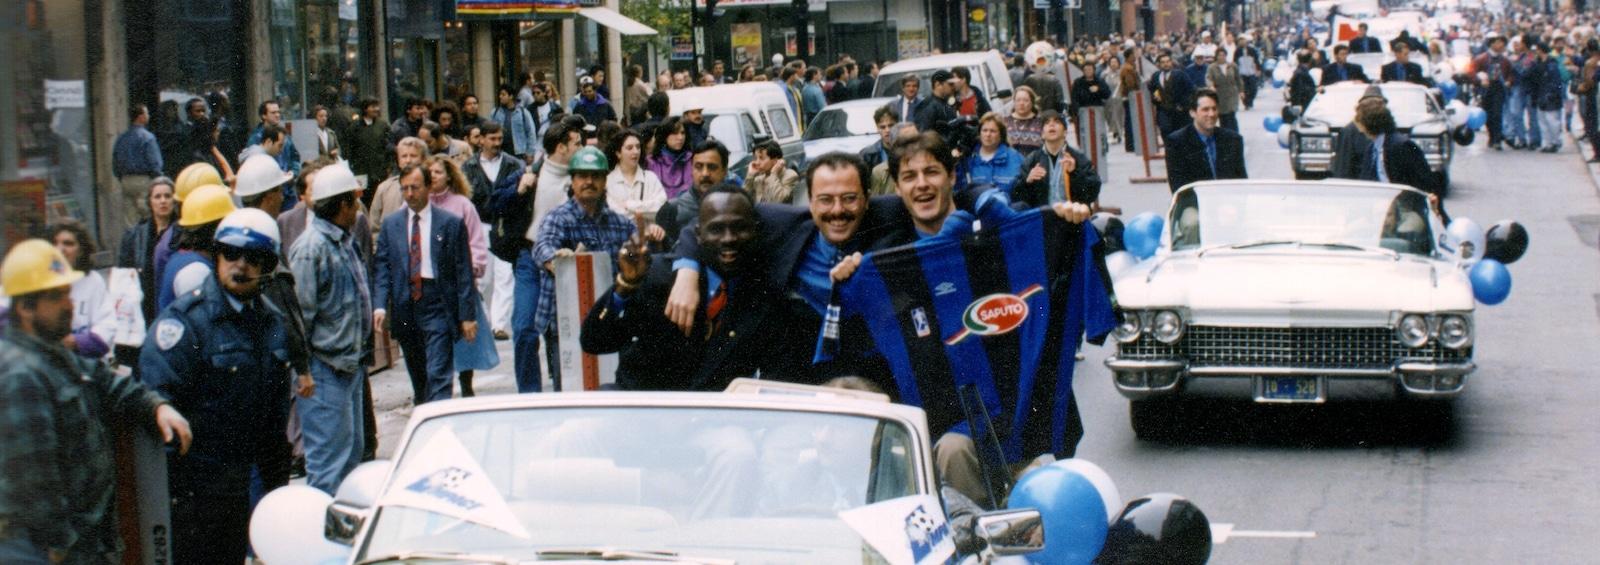 Le défilé de l'Impact de Montréal après la conquête de son championnat de l'APSL en 1994